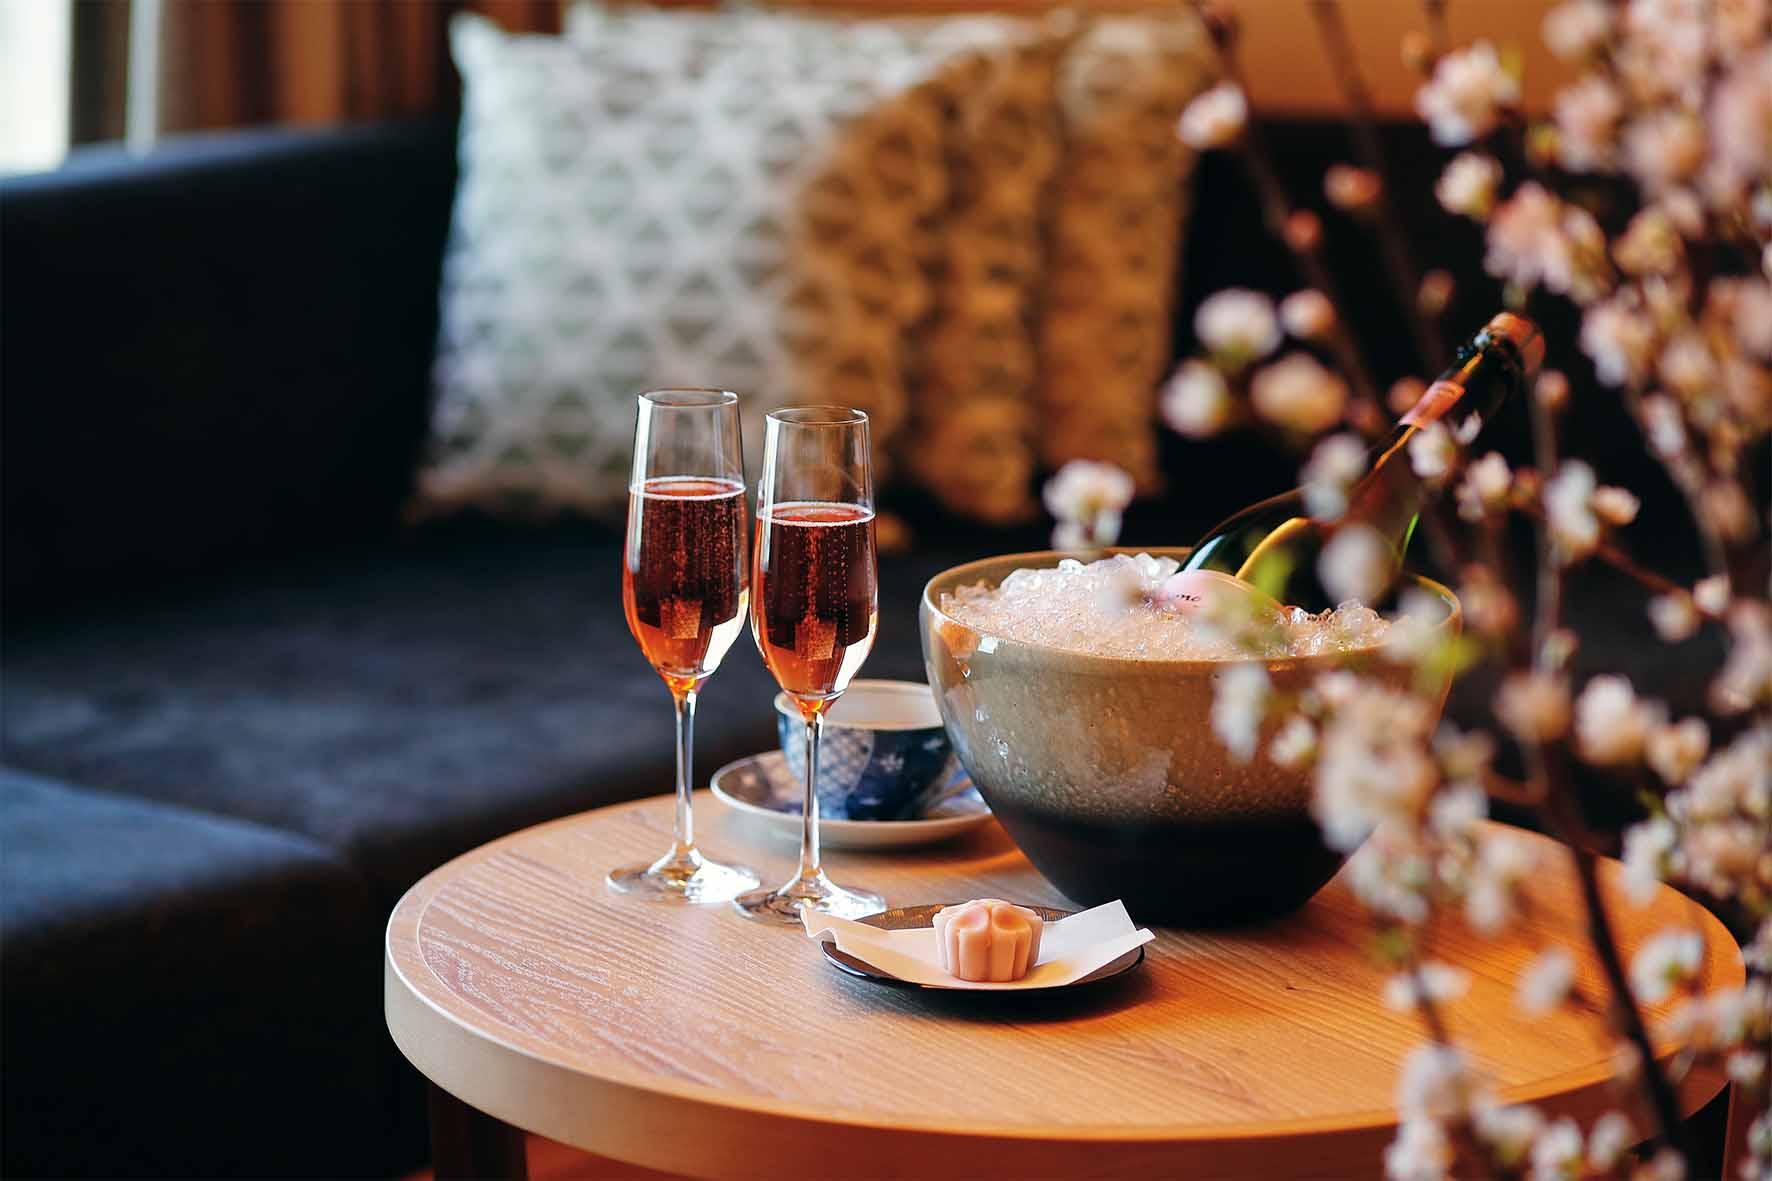 ホテル雅叙園東京でおこもりステイで桜を満喫 「SAKURAホテルステイ~観桜祭~」を販売